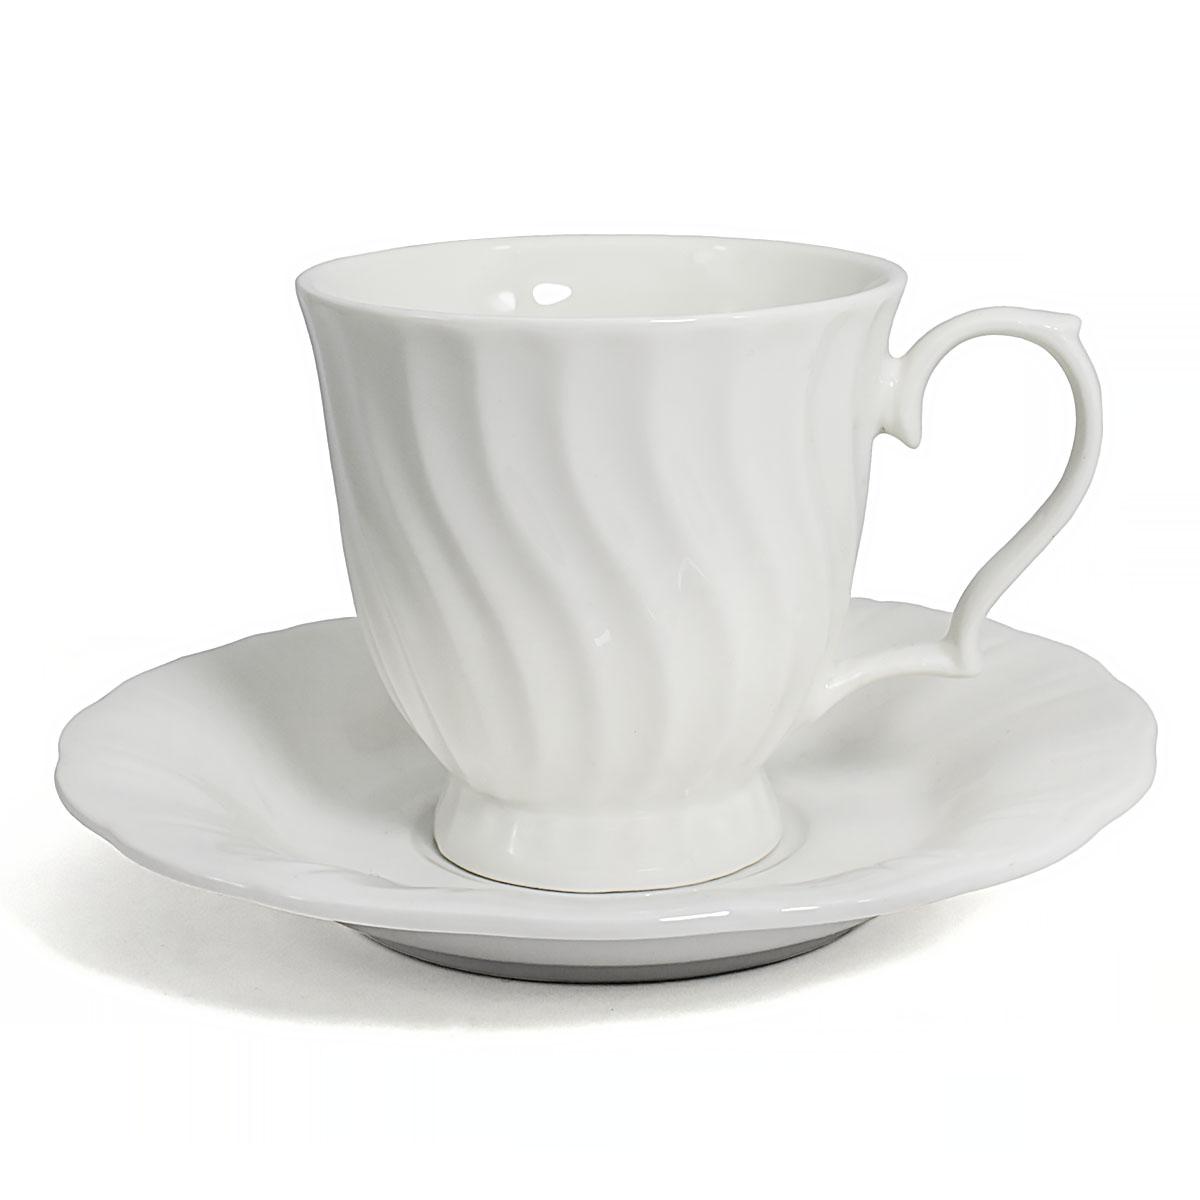 Чайная пара Витая, фарфор, 250 мл